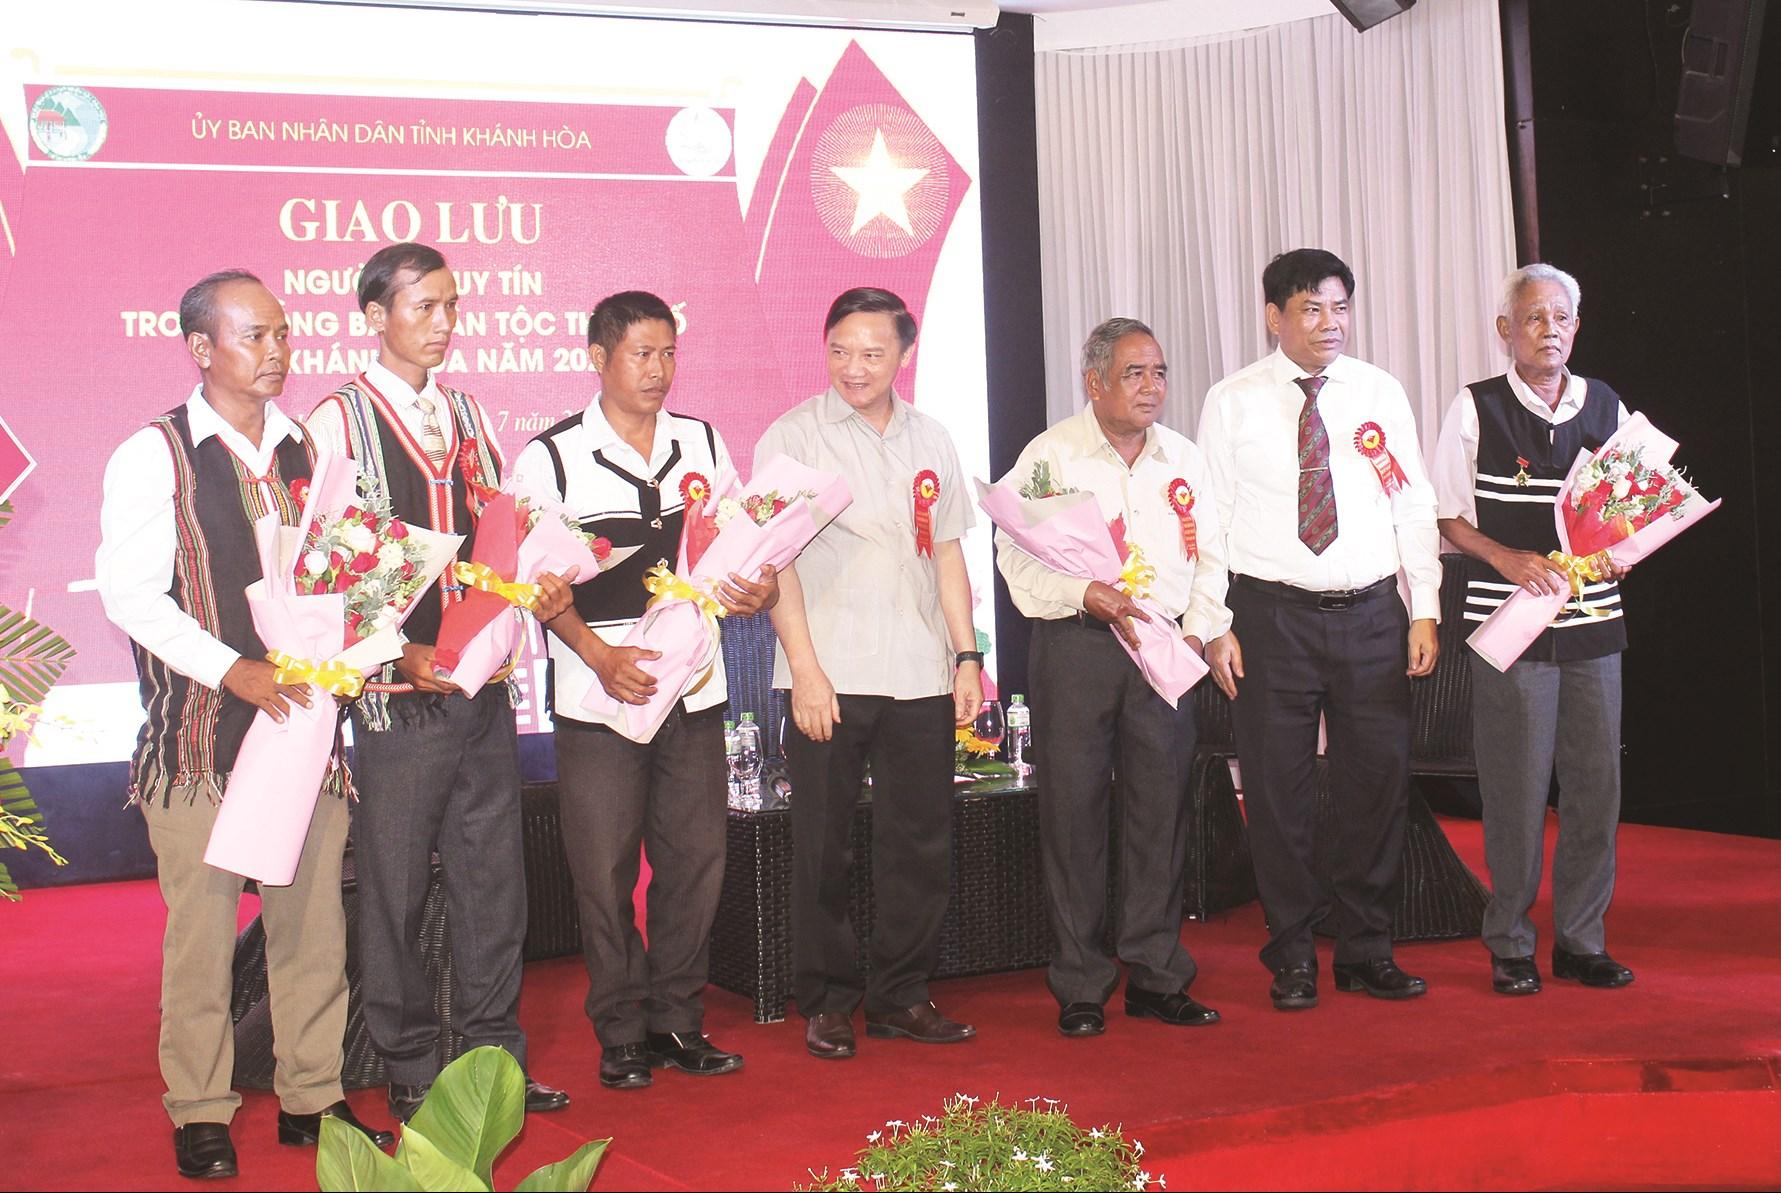 Thứ trưởng, Phó Chủ nhiệm Y Thông (đứng thứ ba từ phải qua) và Bí thư Tỉnh ủy Khánh Hòa Nguyễn Khắc Định (đứng thứ năm từ phải qua) tặng hoa động viên Người có uy tín